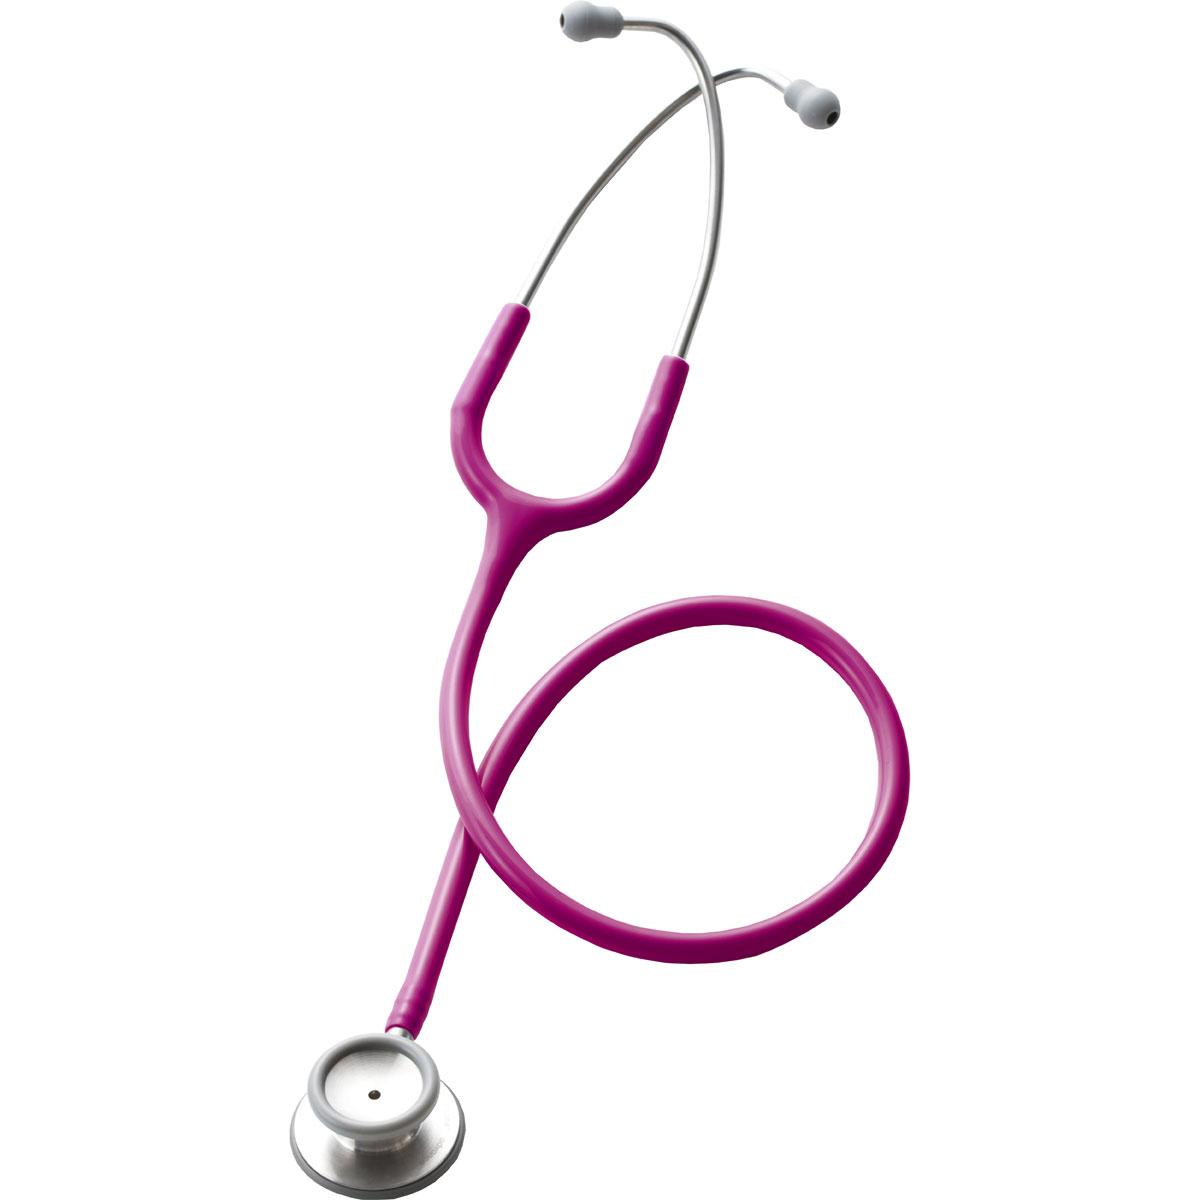 大感謝価格『フォ-カルトーン アドヴァンス聴診器 ラズベリー』送料無料突然欠品終了あり。5-7営業日前後出荷、返品キャンセル不可品健康器具 医療機器